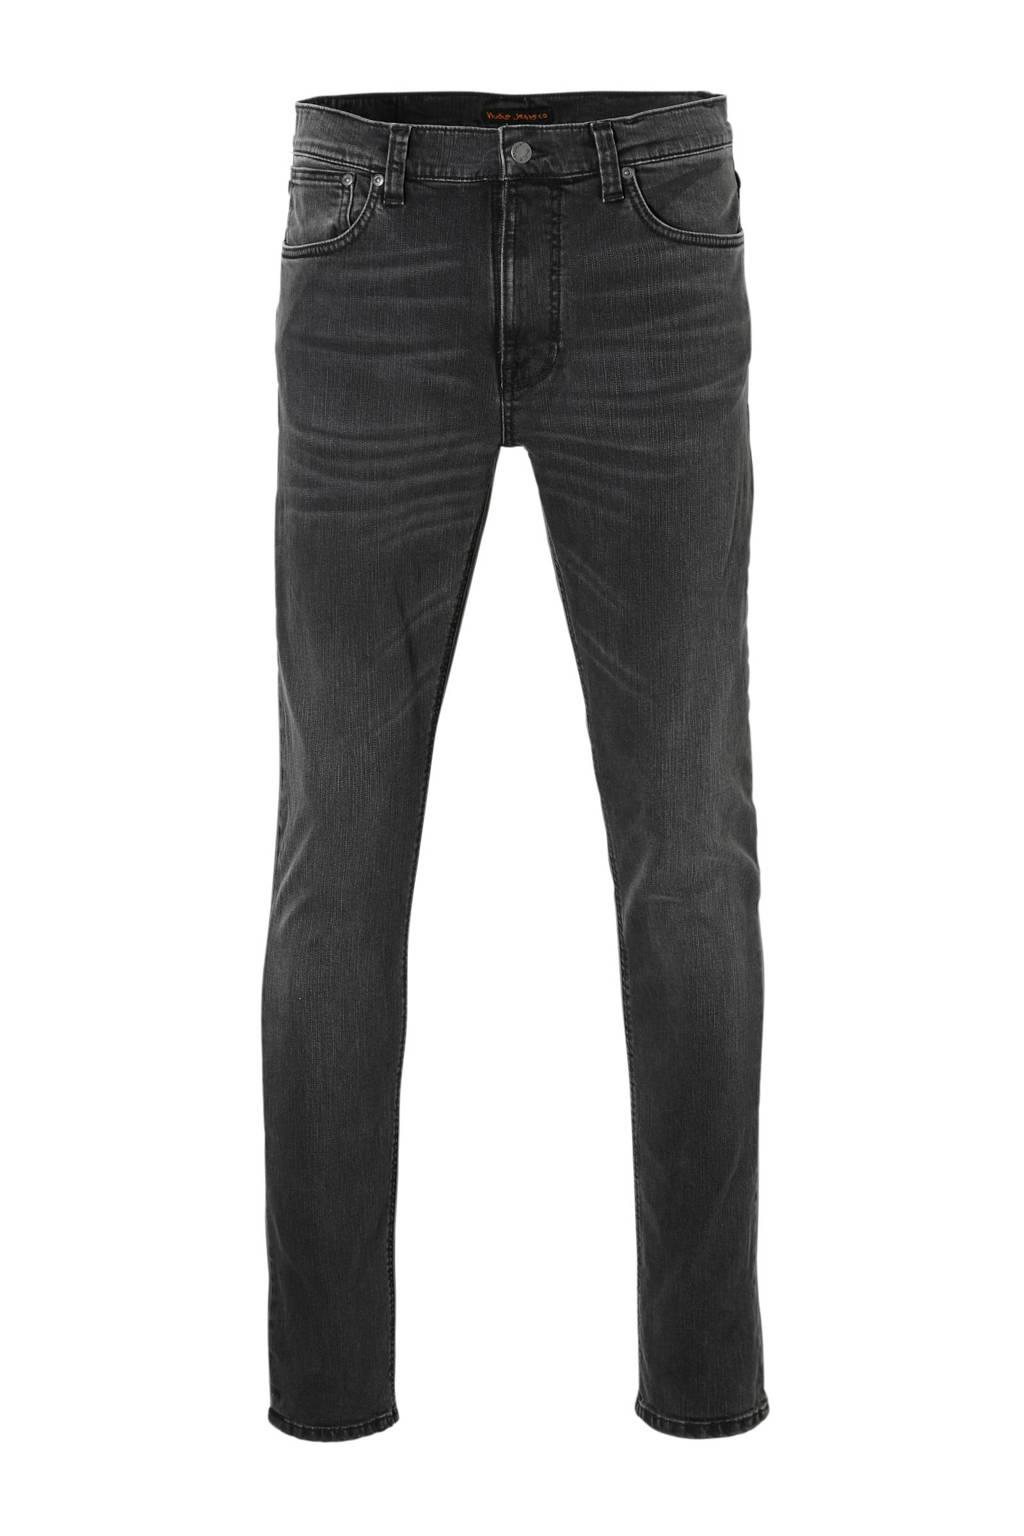 Nudie Jeans slim fit jeans Lean Dean, Mono grey